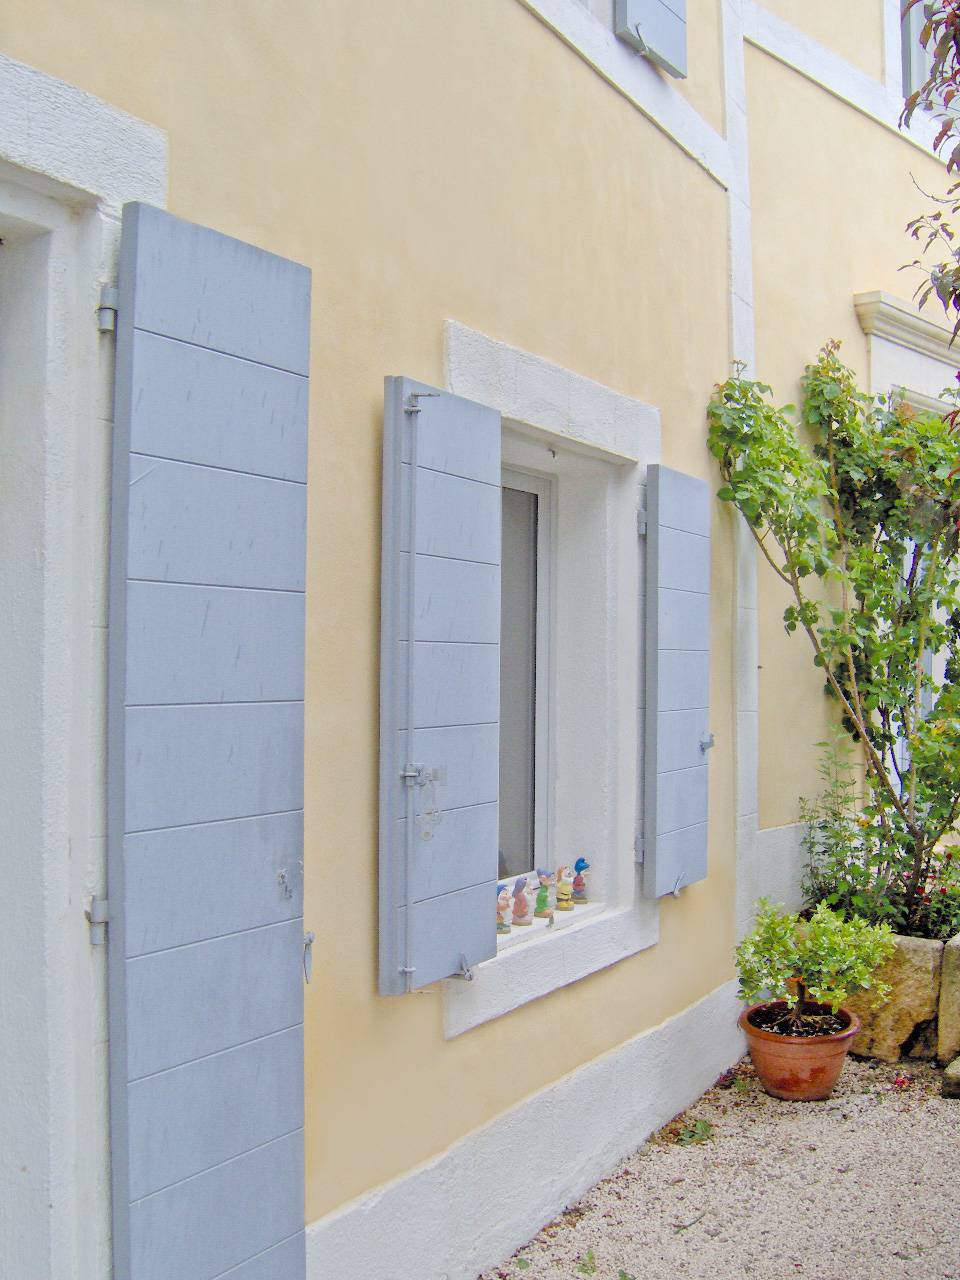 D coration int rieure en stuc chaux d 39 une villa aix en - Isolation decorative interieure ...